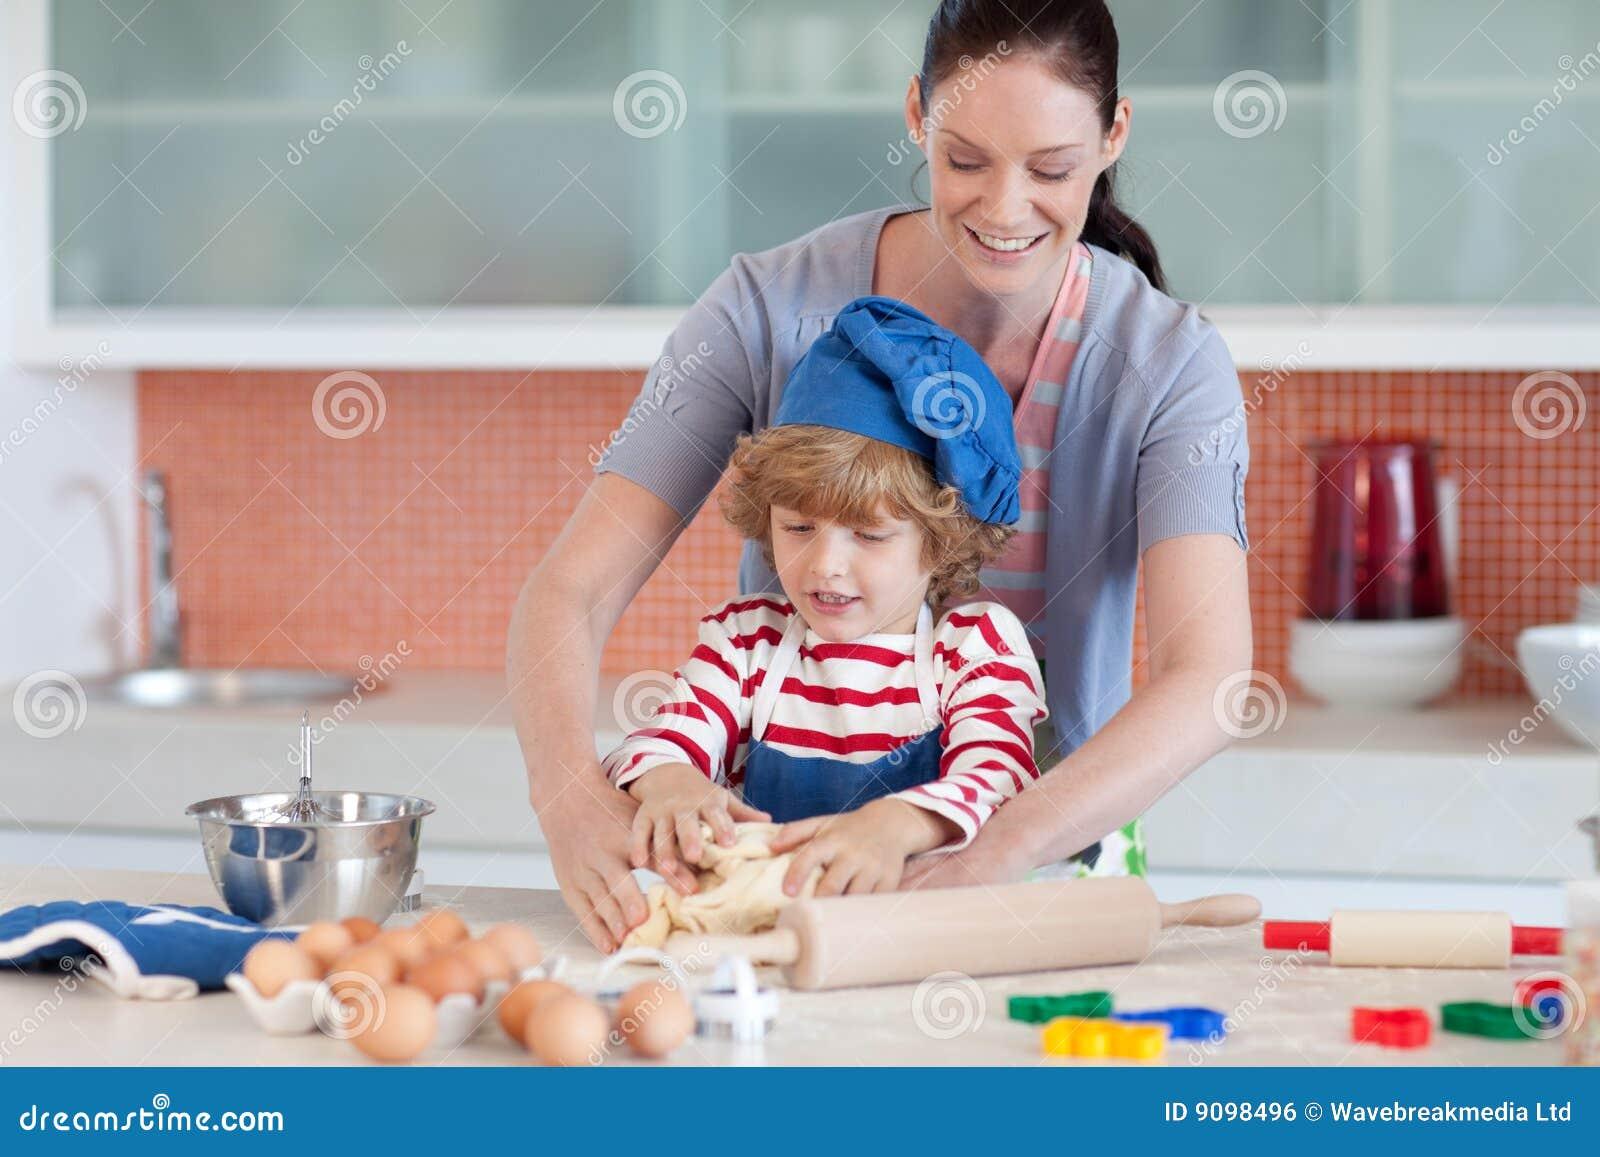 Kindheitspaß in der Küche